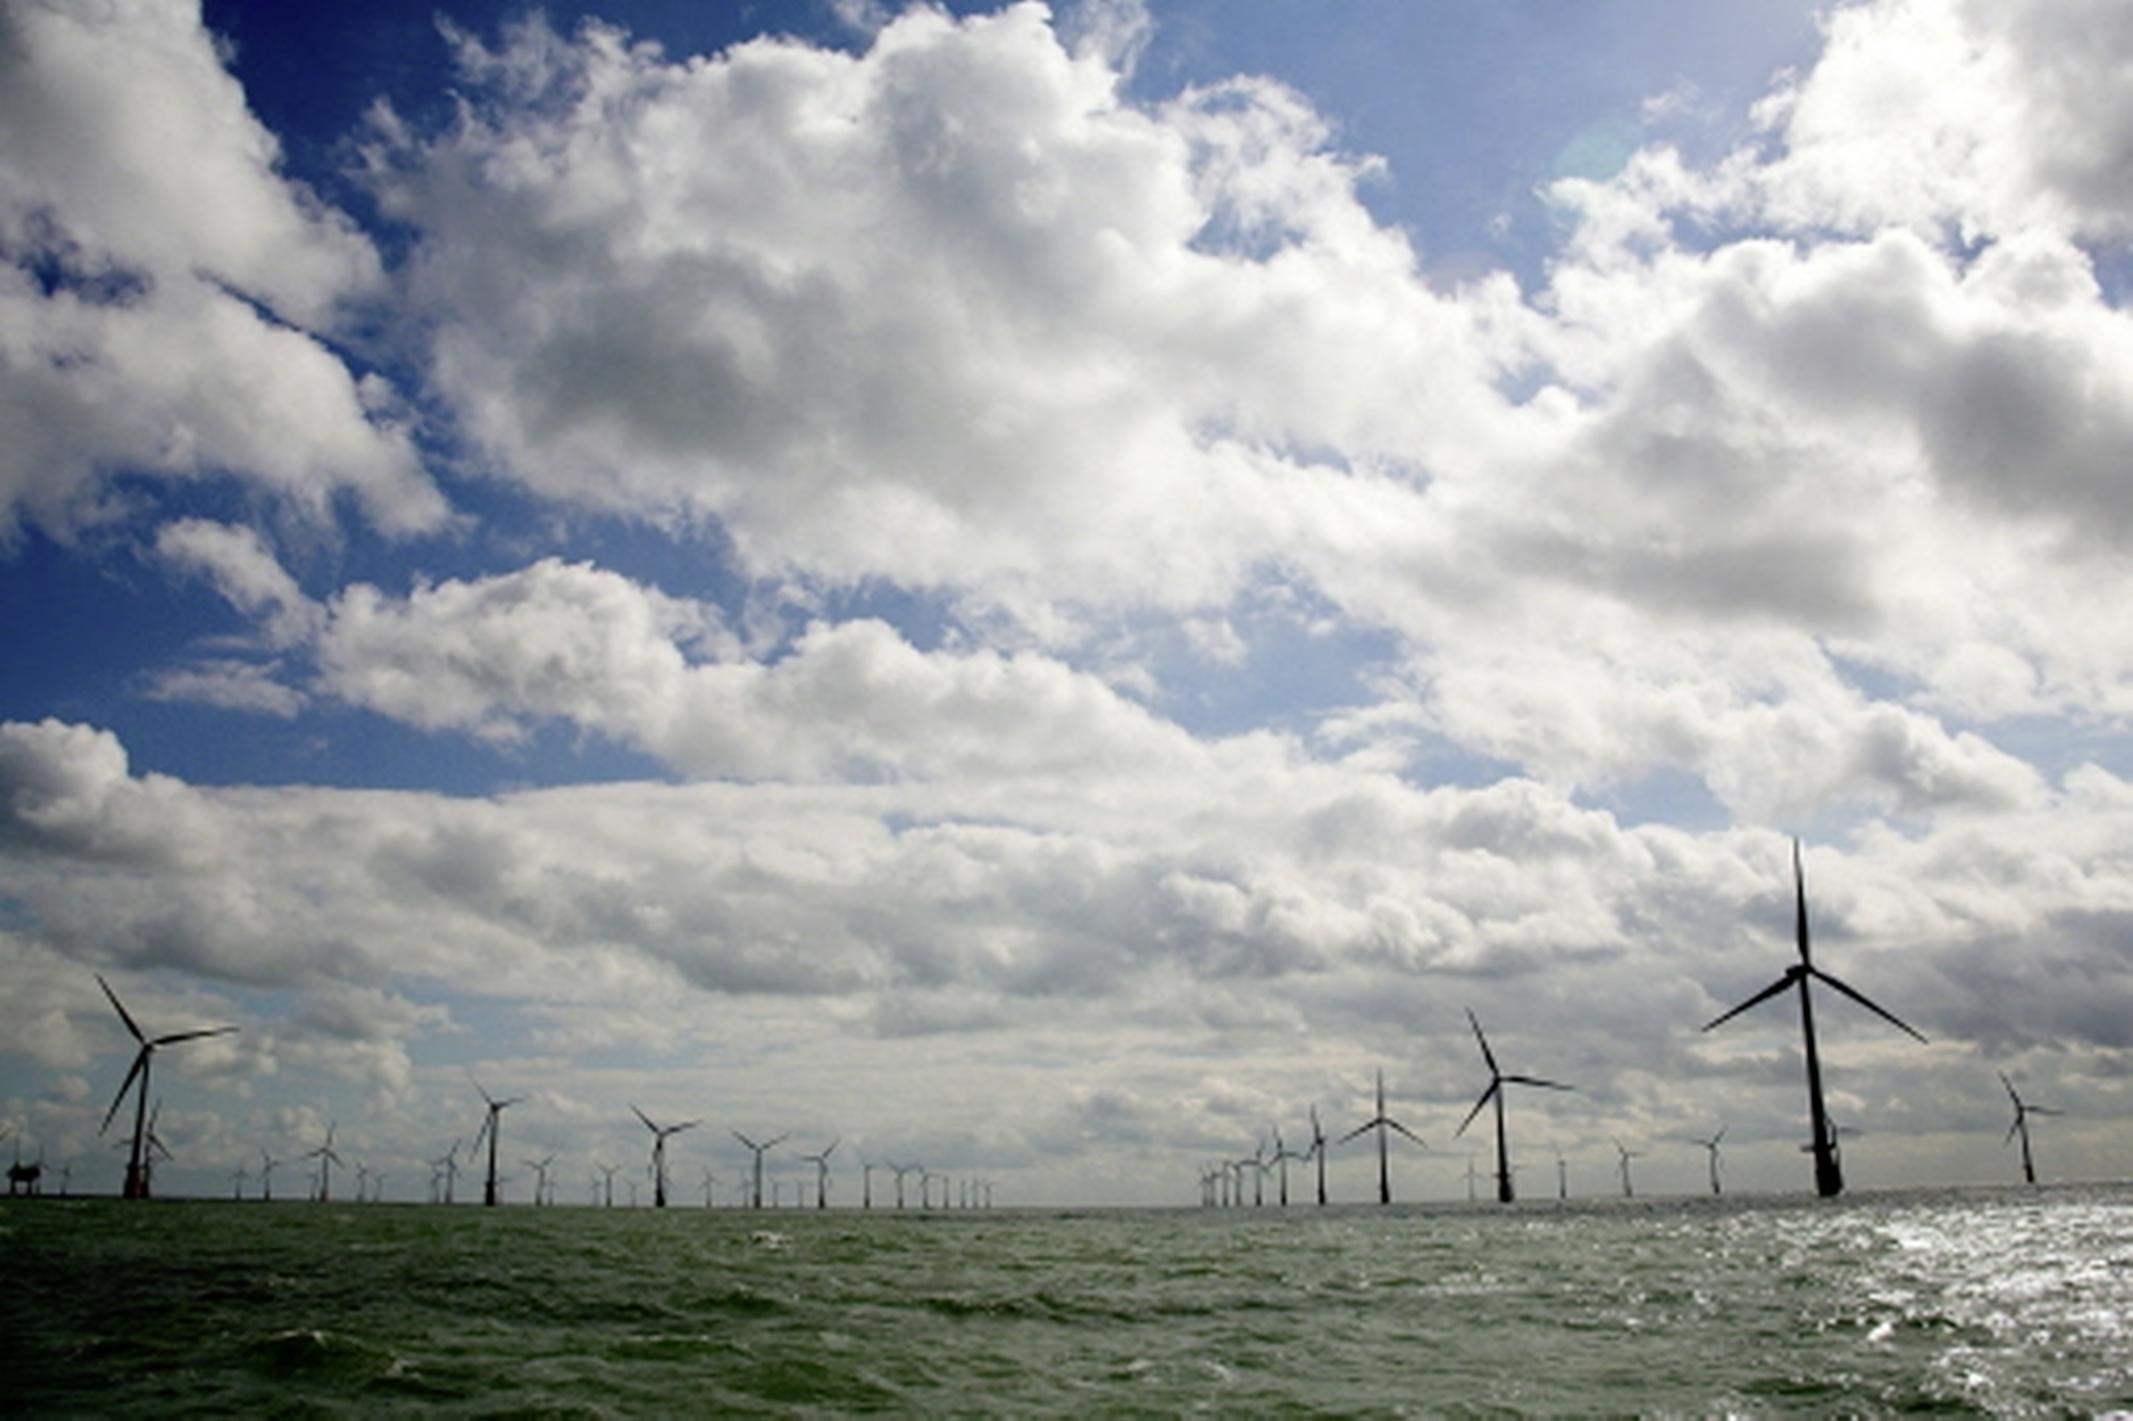 Het windpark 18 km uit de kust is nog niet gebouwd, of Vattenfall verkoopt de helft ervan aan BASF voor de Antwerpse industrie